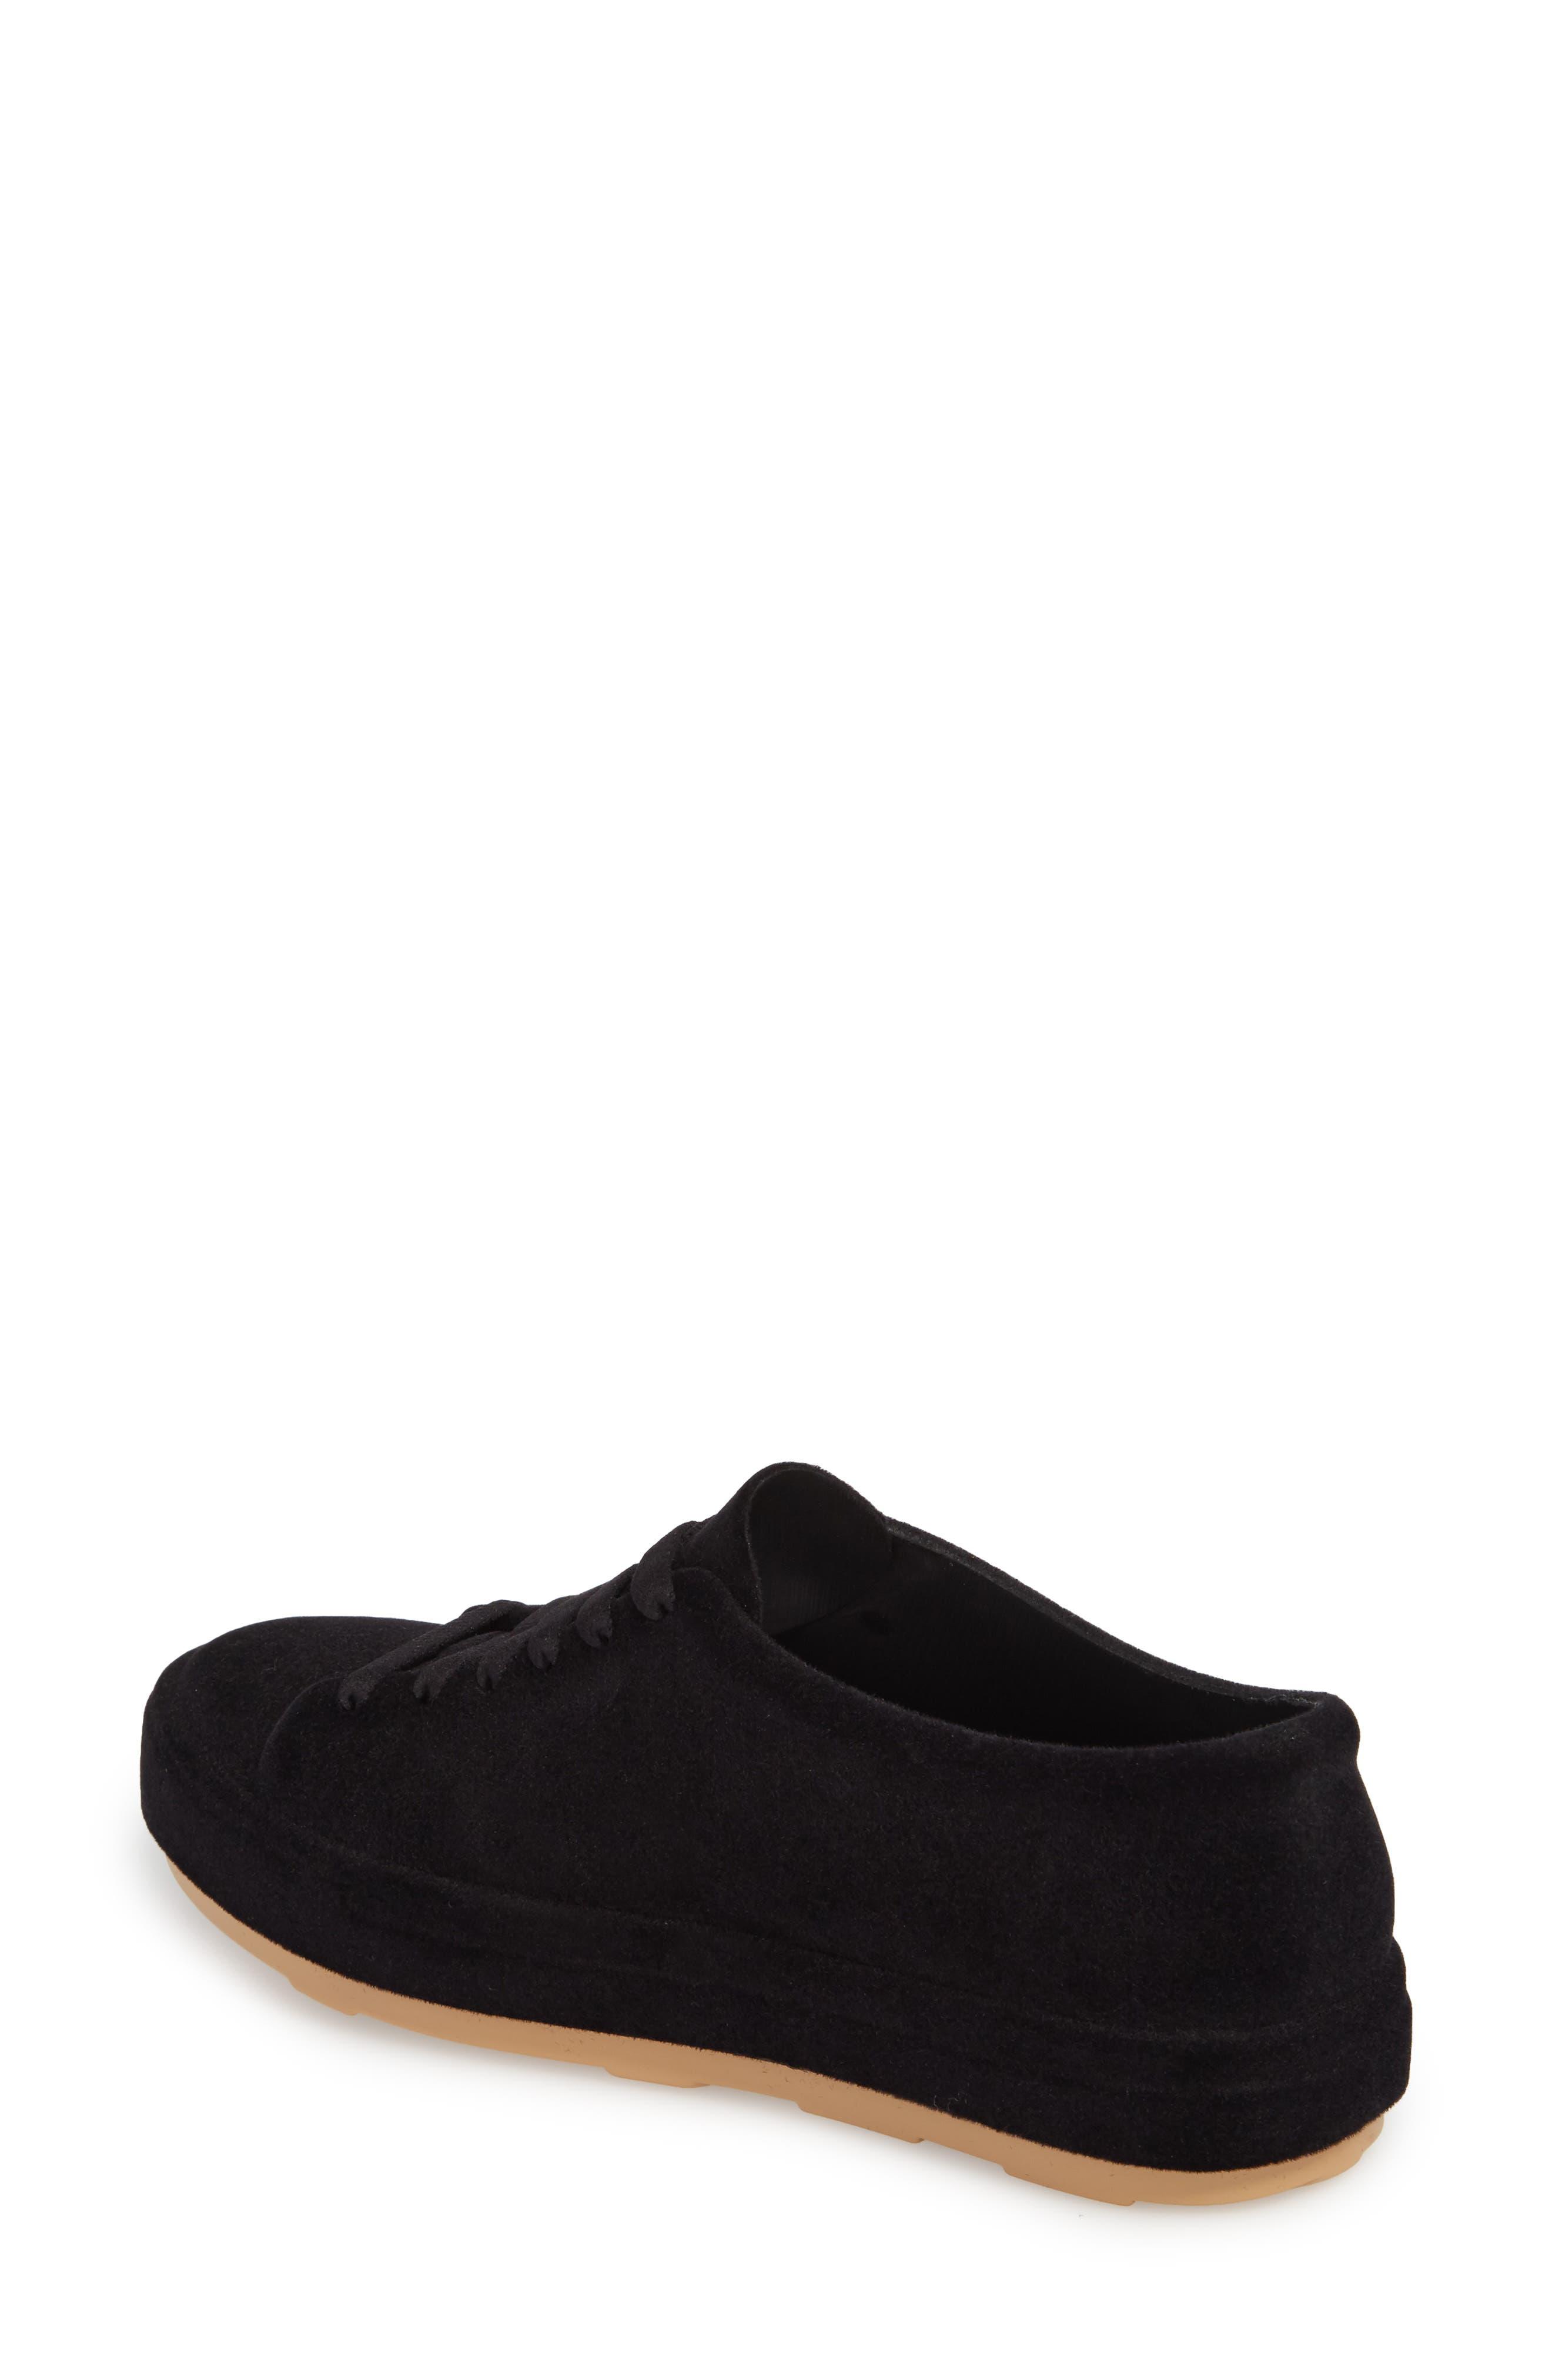 Be Flocked Sneaker,                             Alternate thumbnail 2, color,                             Black